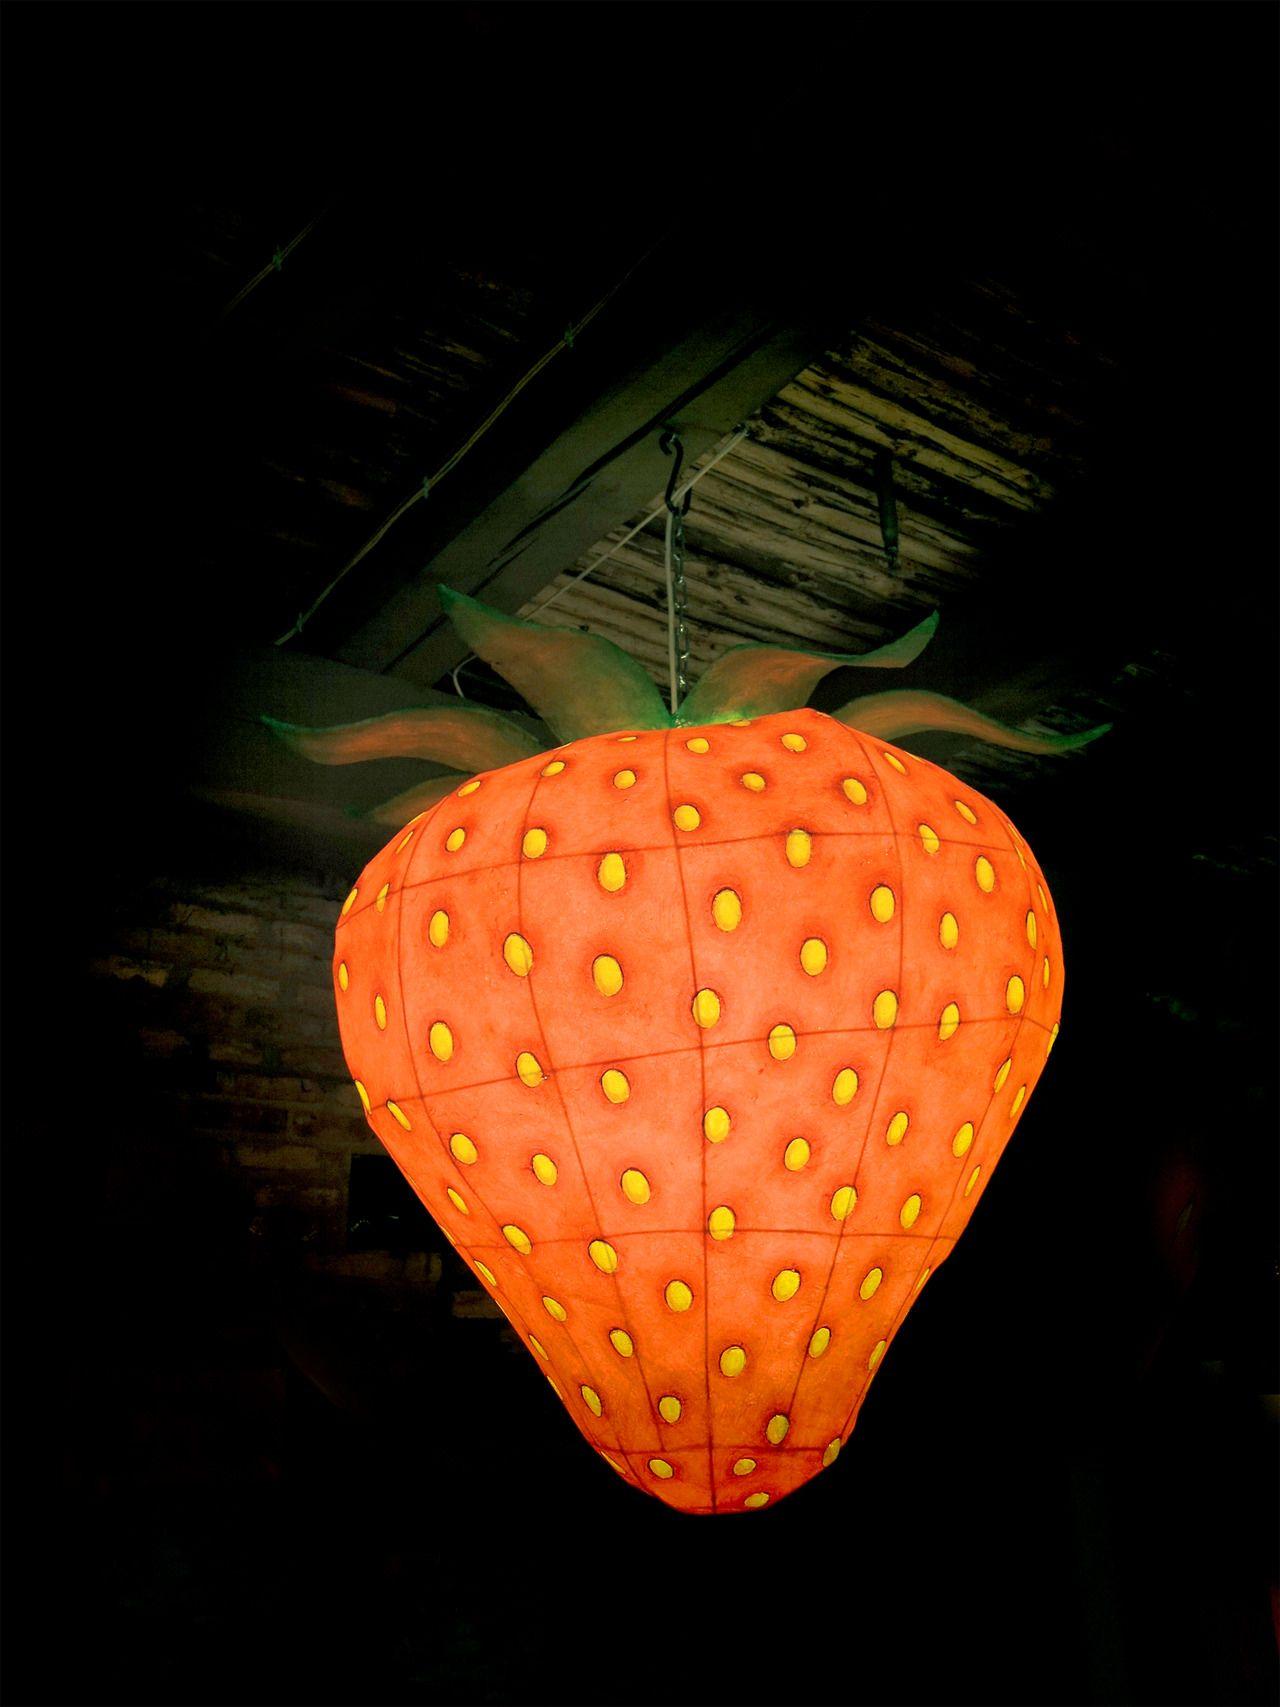 Nash Photografie / Die wahrscheinlich größte Erdbeerlampe der Welt / Probably the biggest strawberry lamp in the world